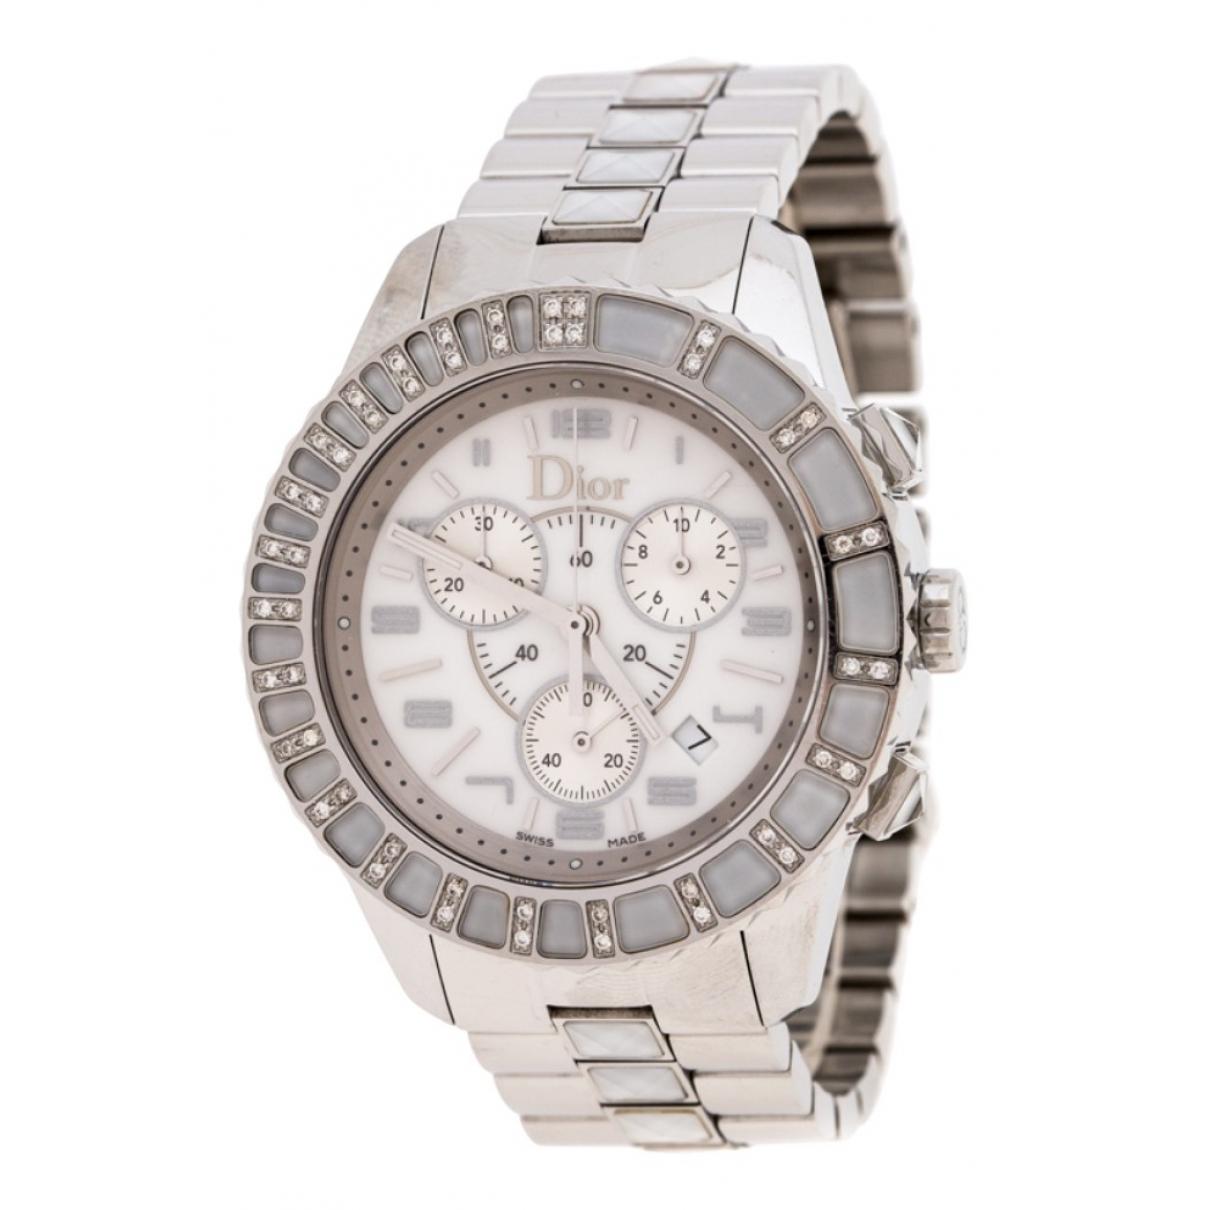 Dior Christal Uhr in  Weiss Stahl